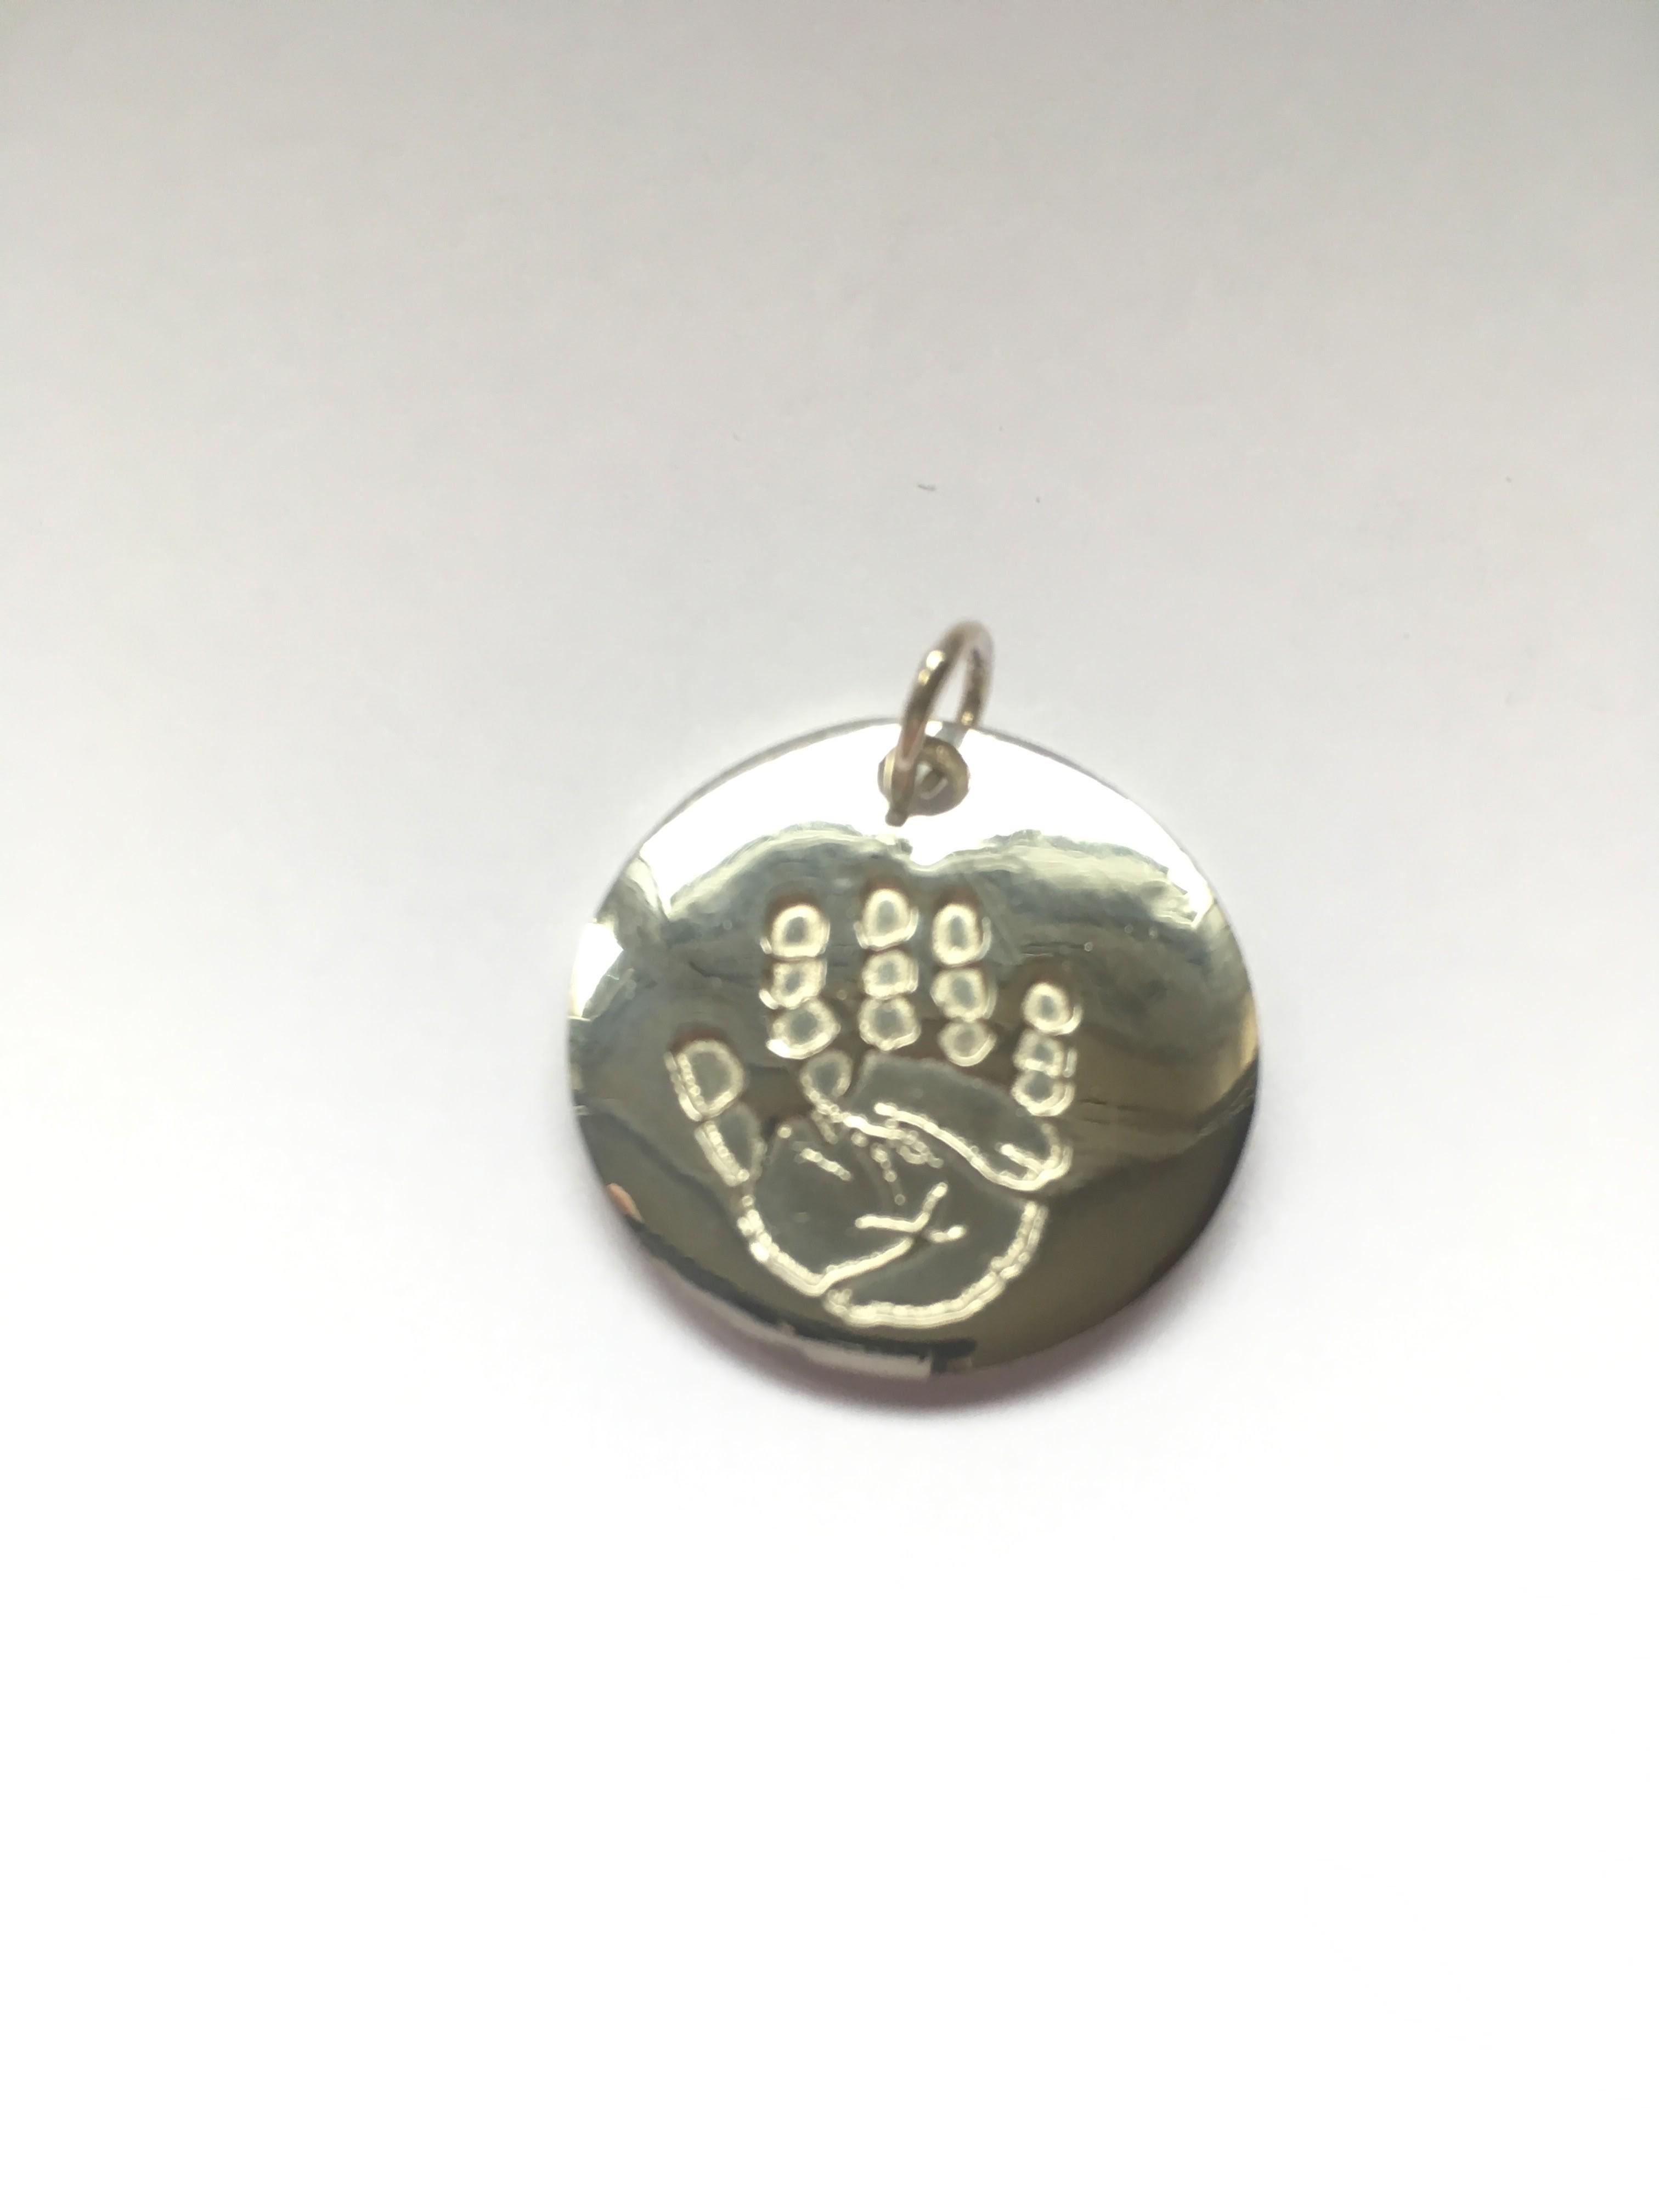 Round pendant with imprint